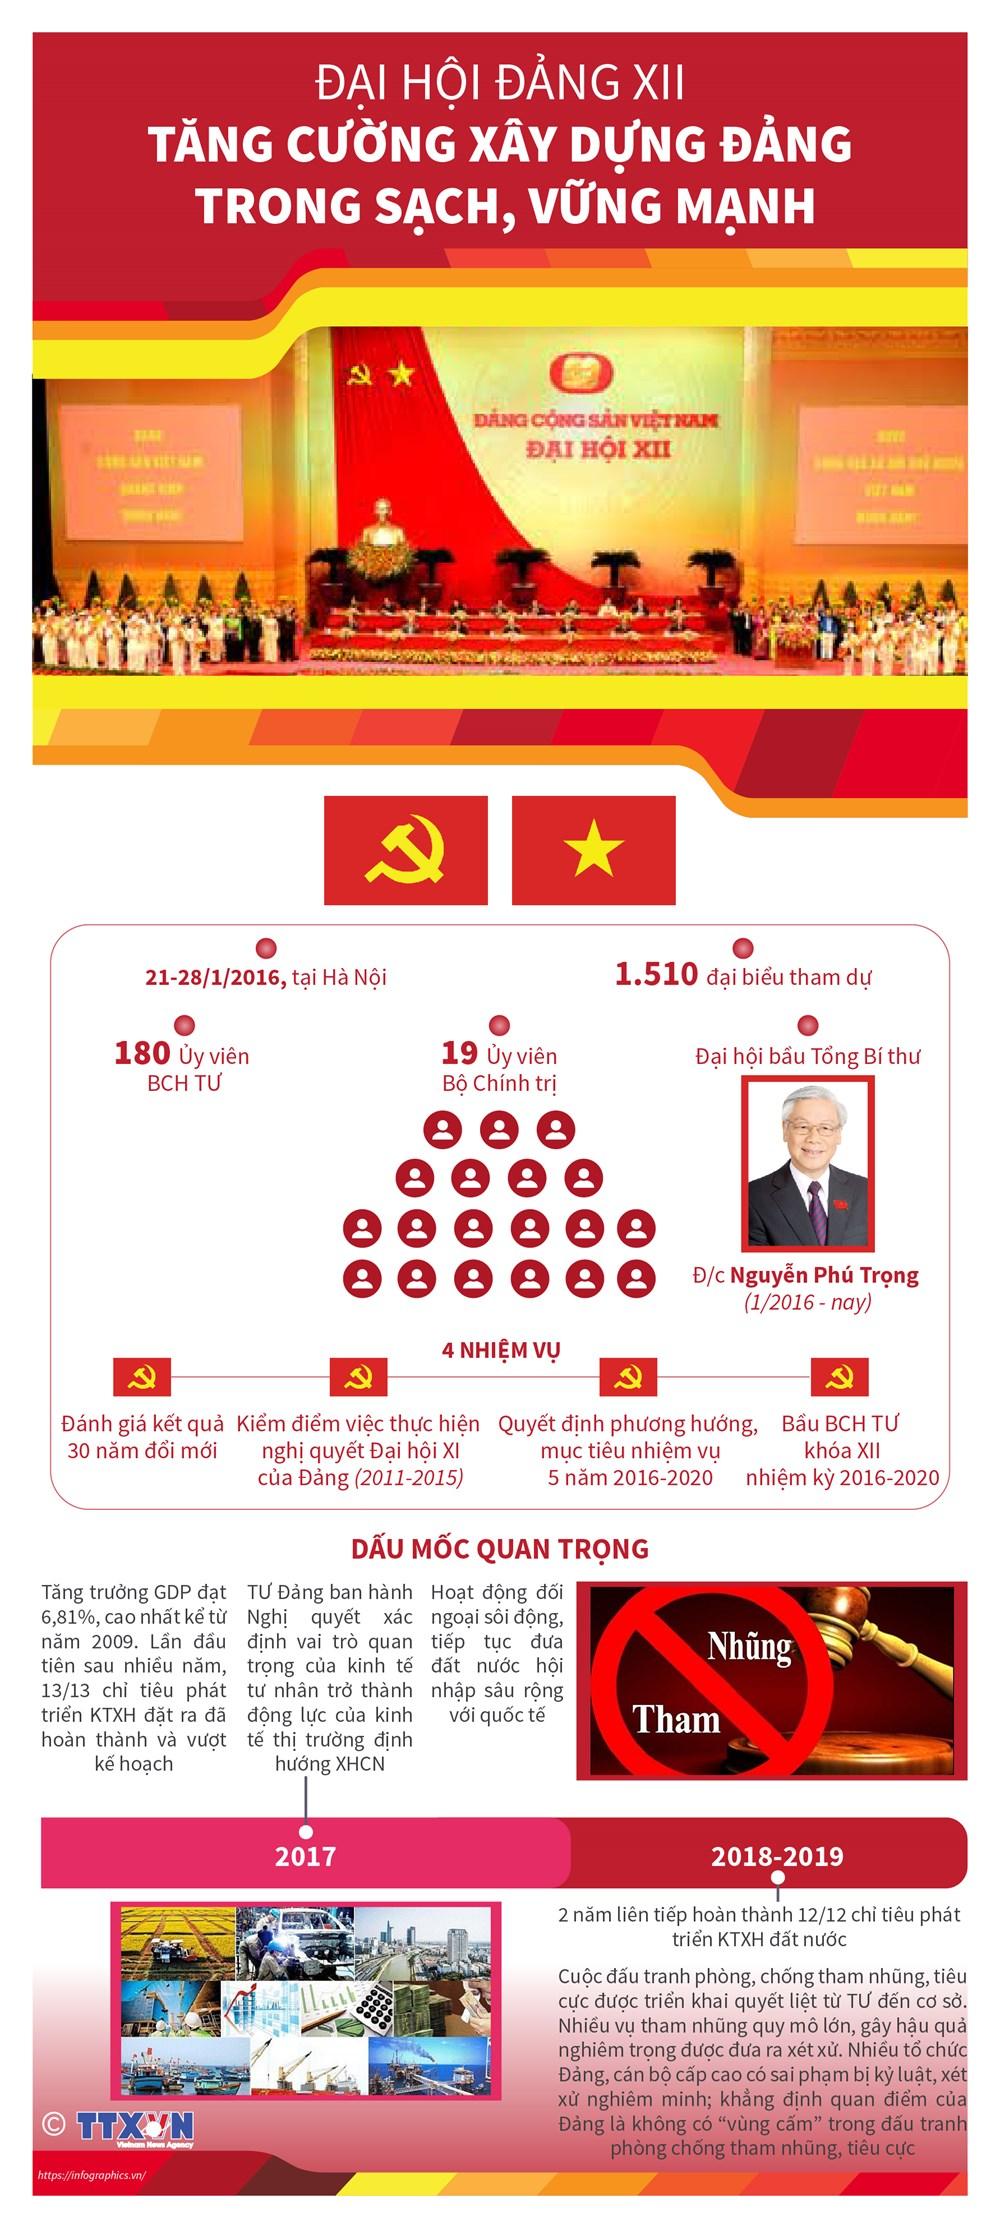 Mở rộng nguồn giới thiệu nhân sự cho đại hội đảng các cấp - 2